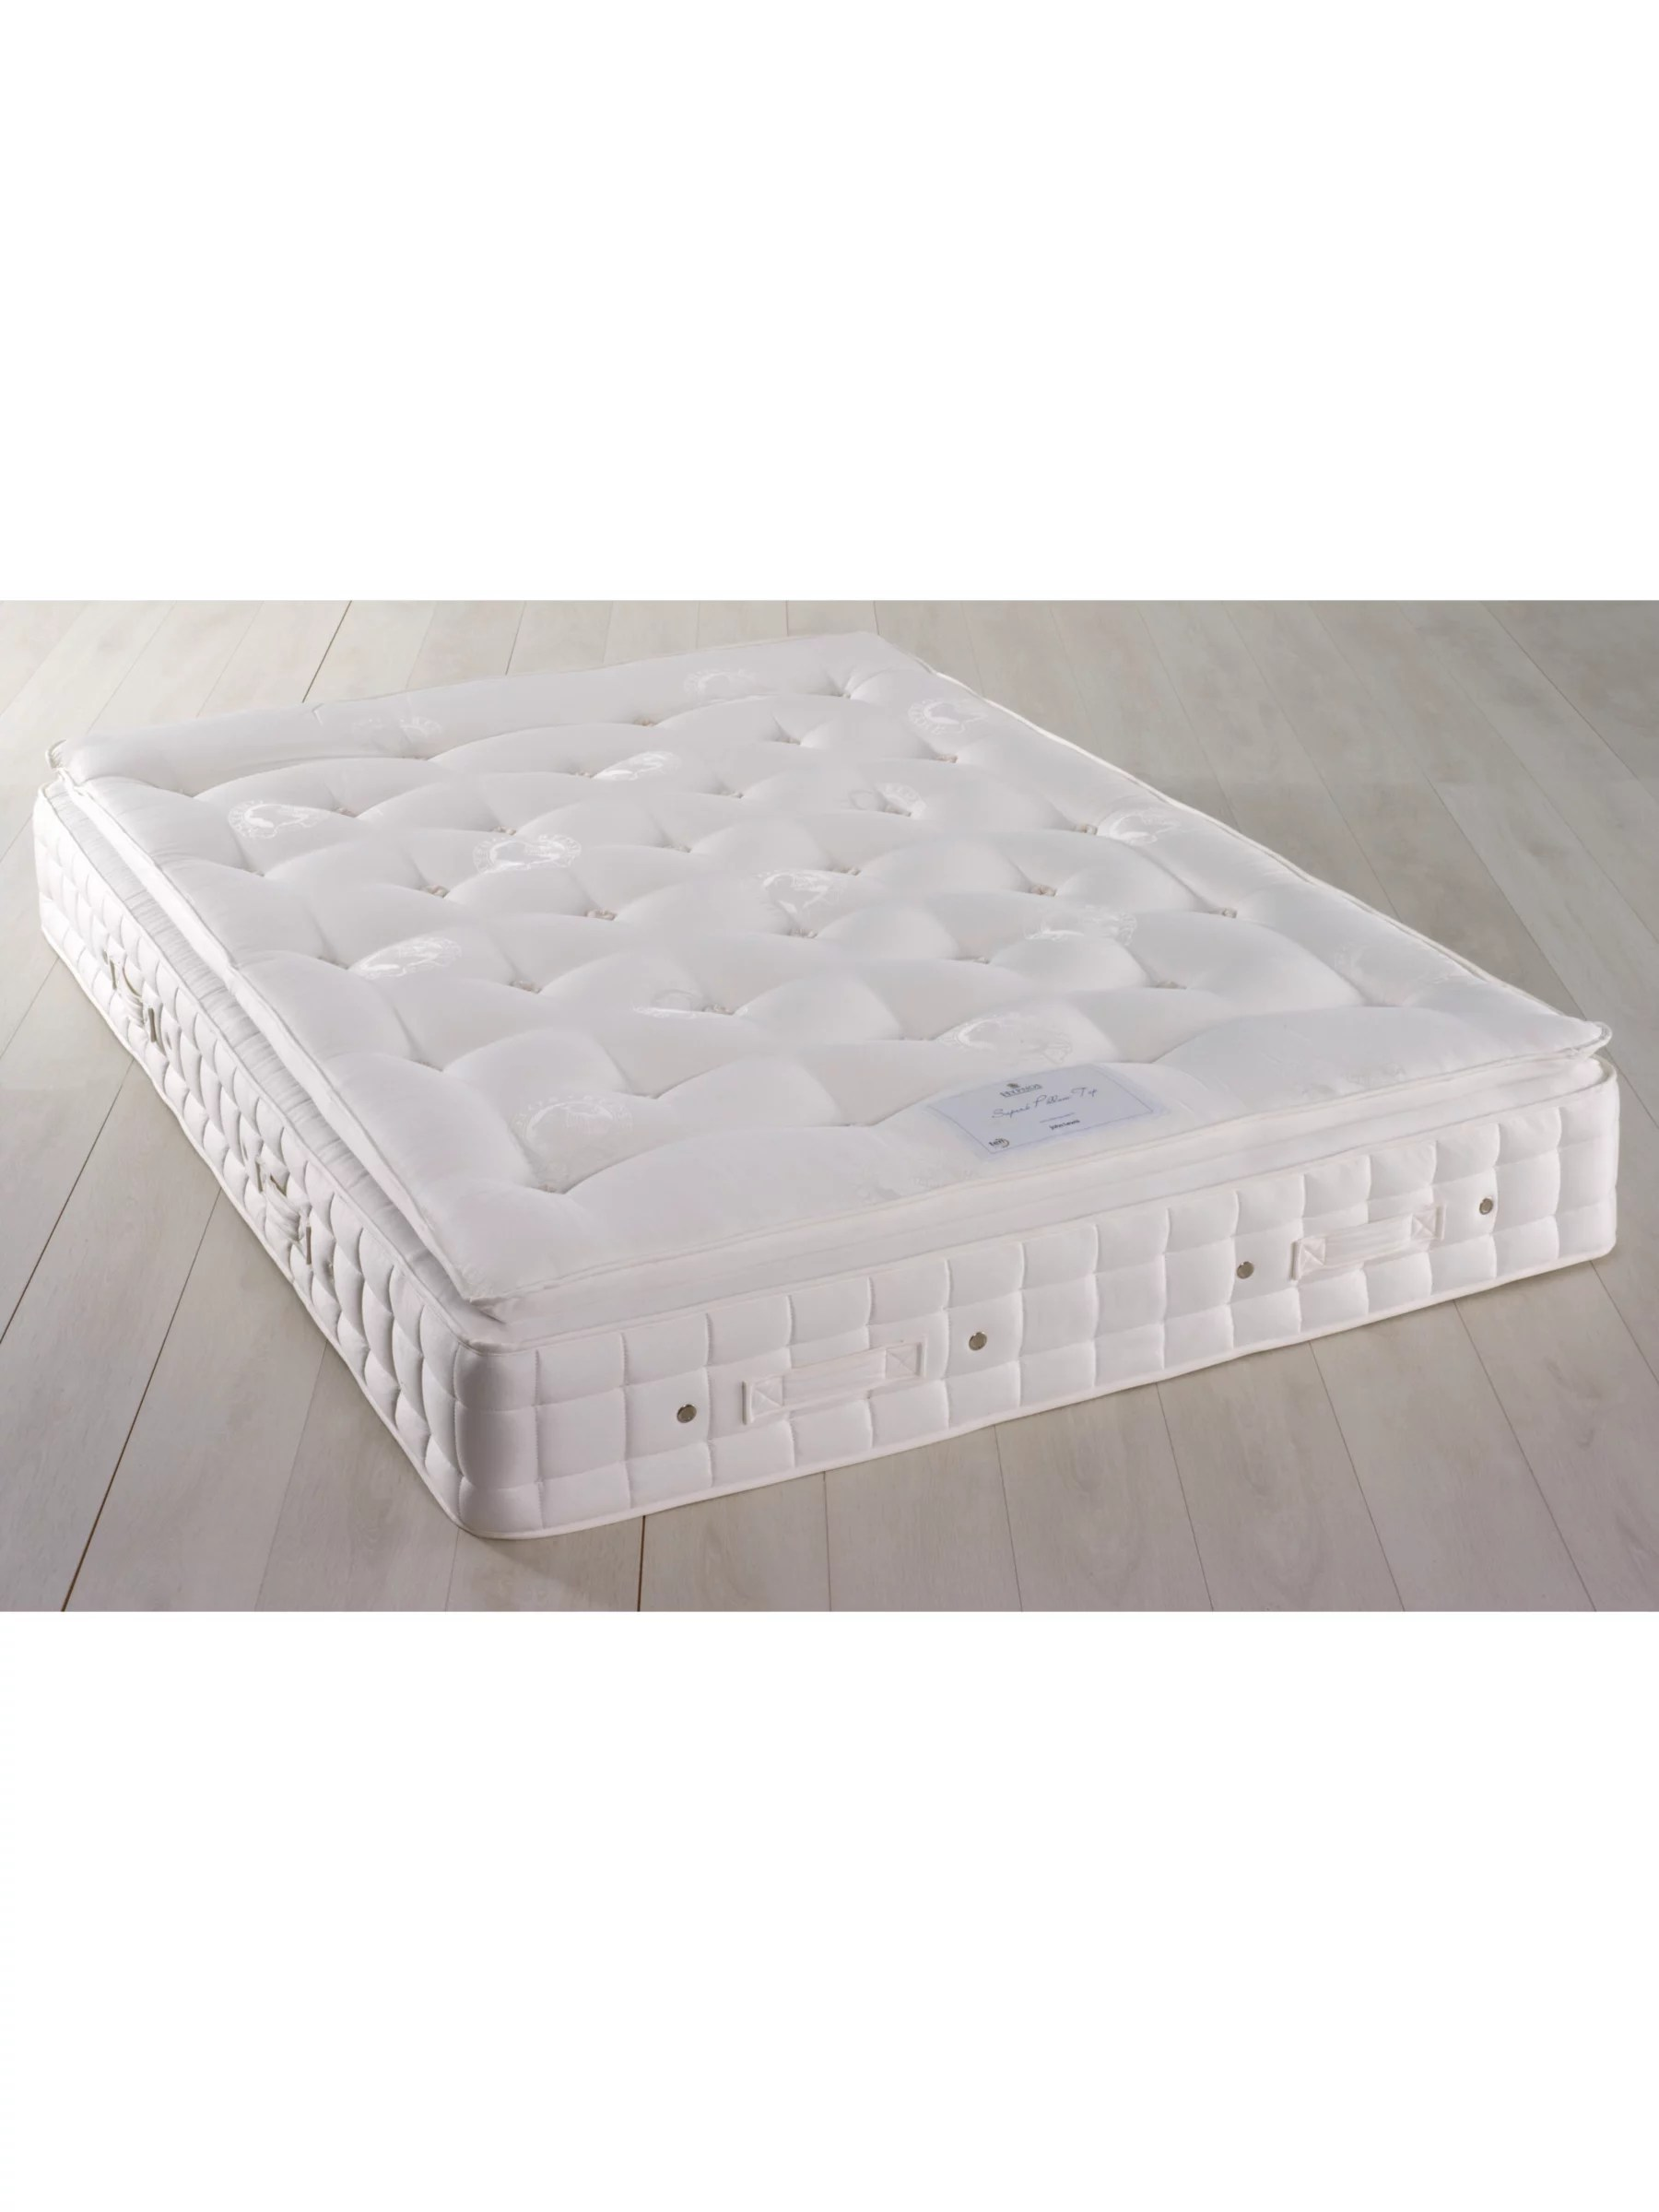 hypnos superb pillow top pocket spring mattress firm super king size